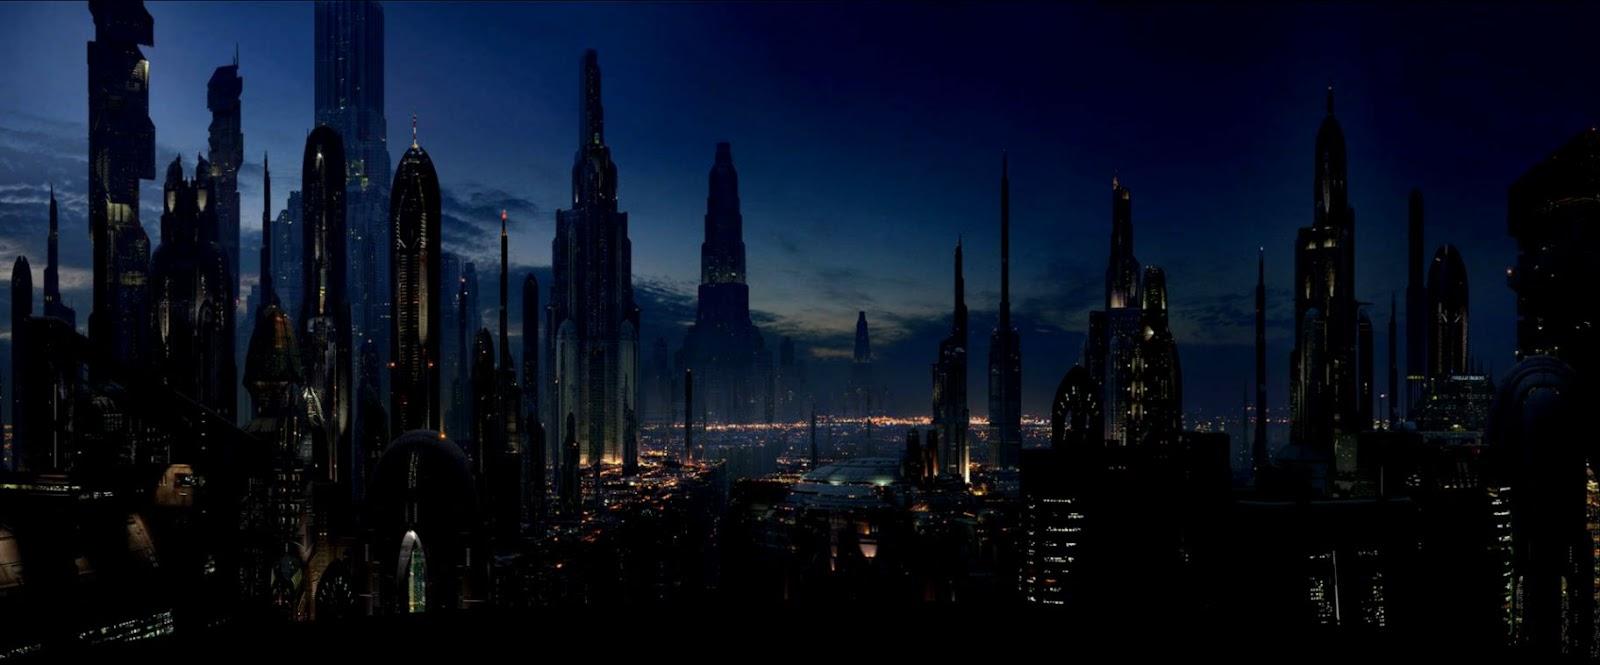 cityscapes futuristic wallpaper 1900x1041 - photo #28